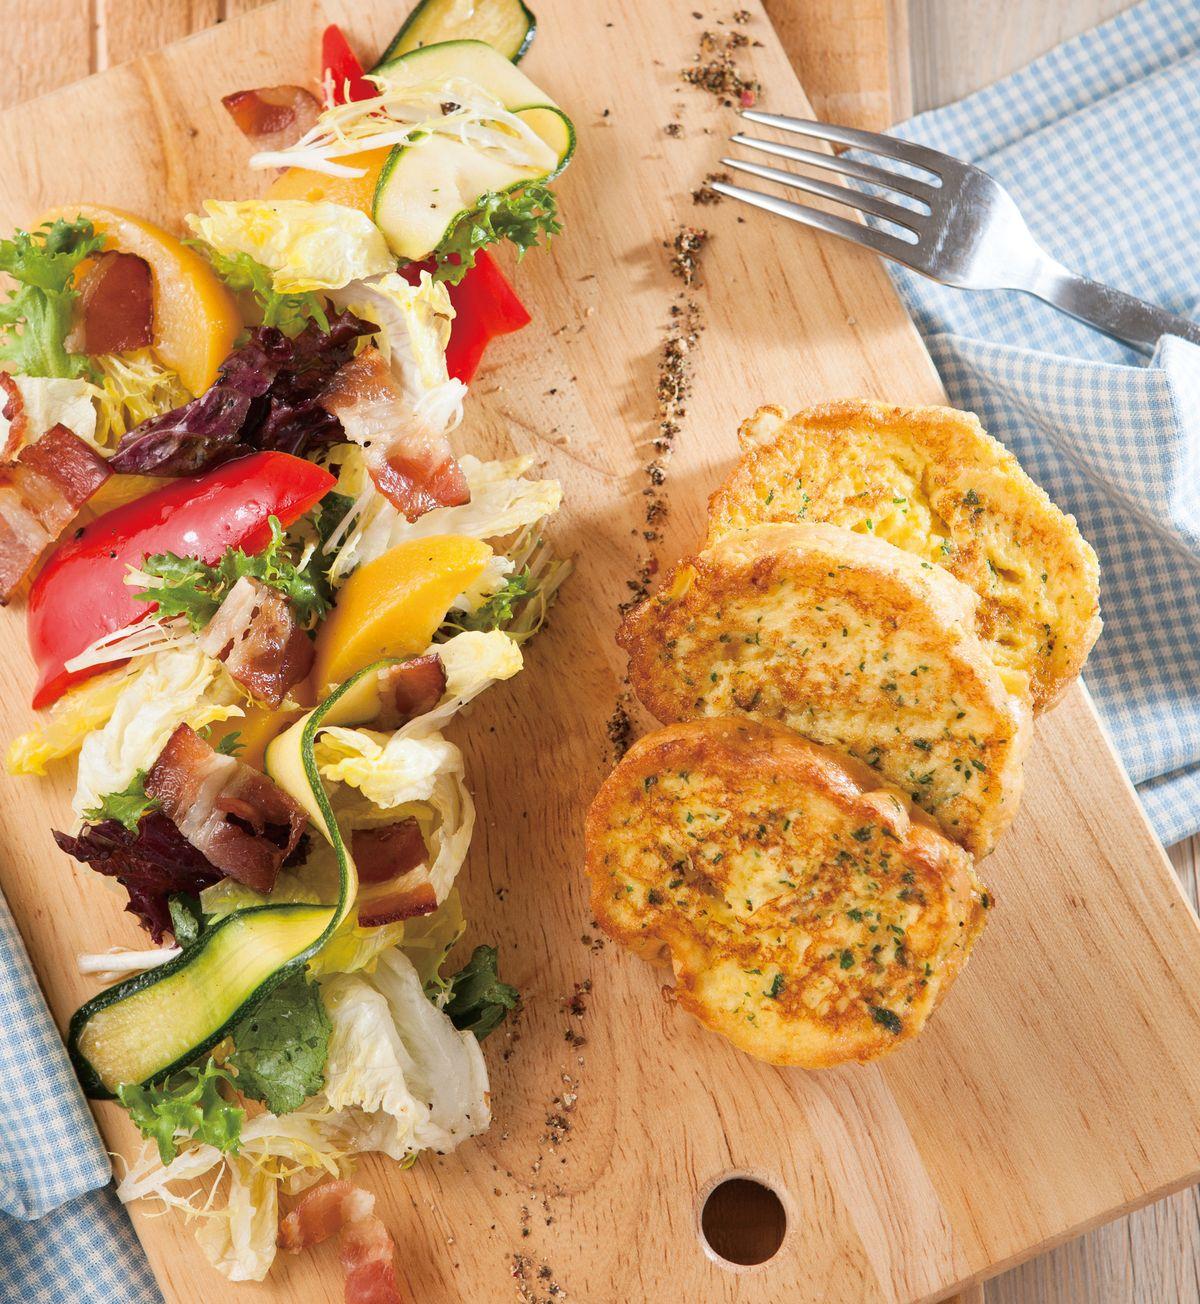 食譜:法國吐司培根沙拉盤